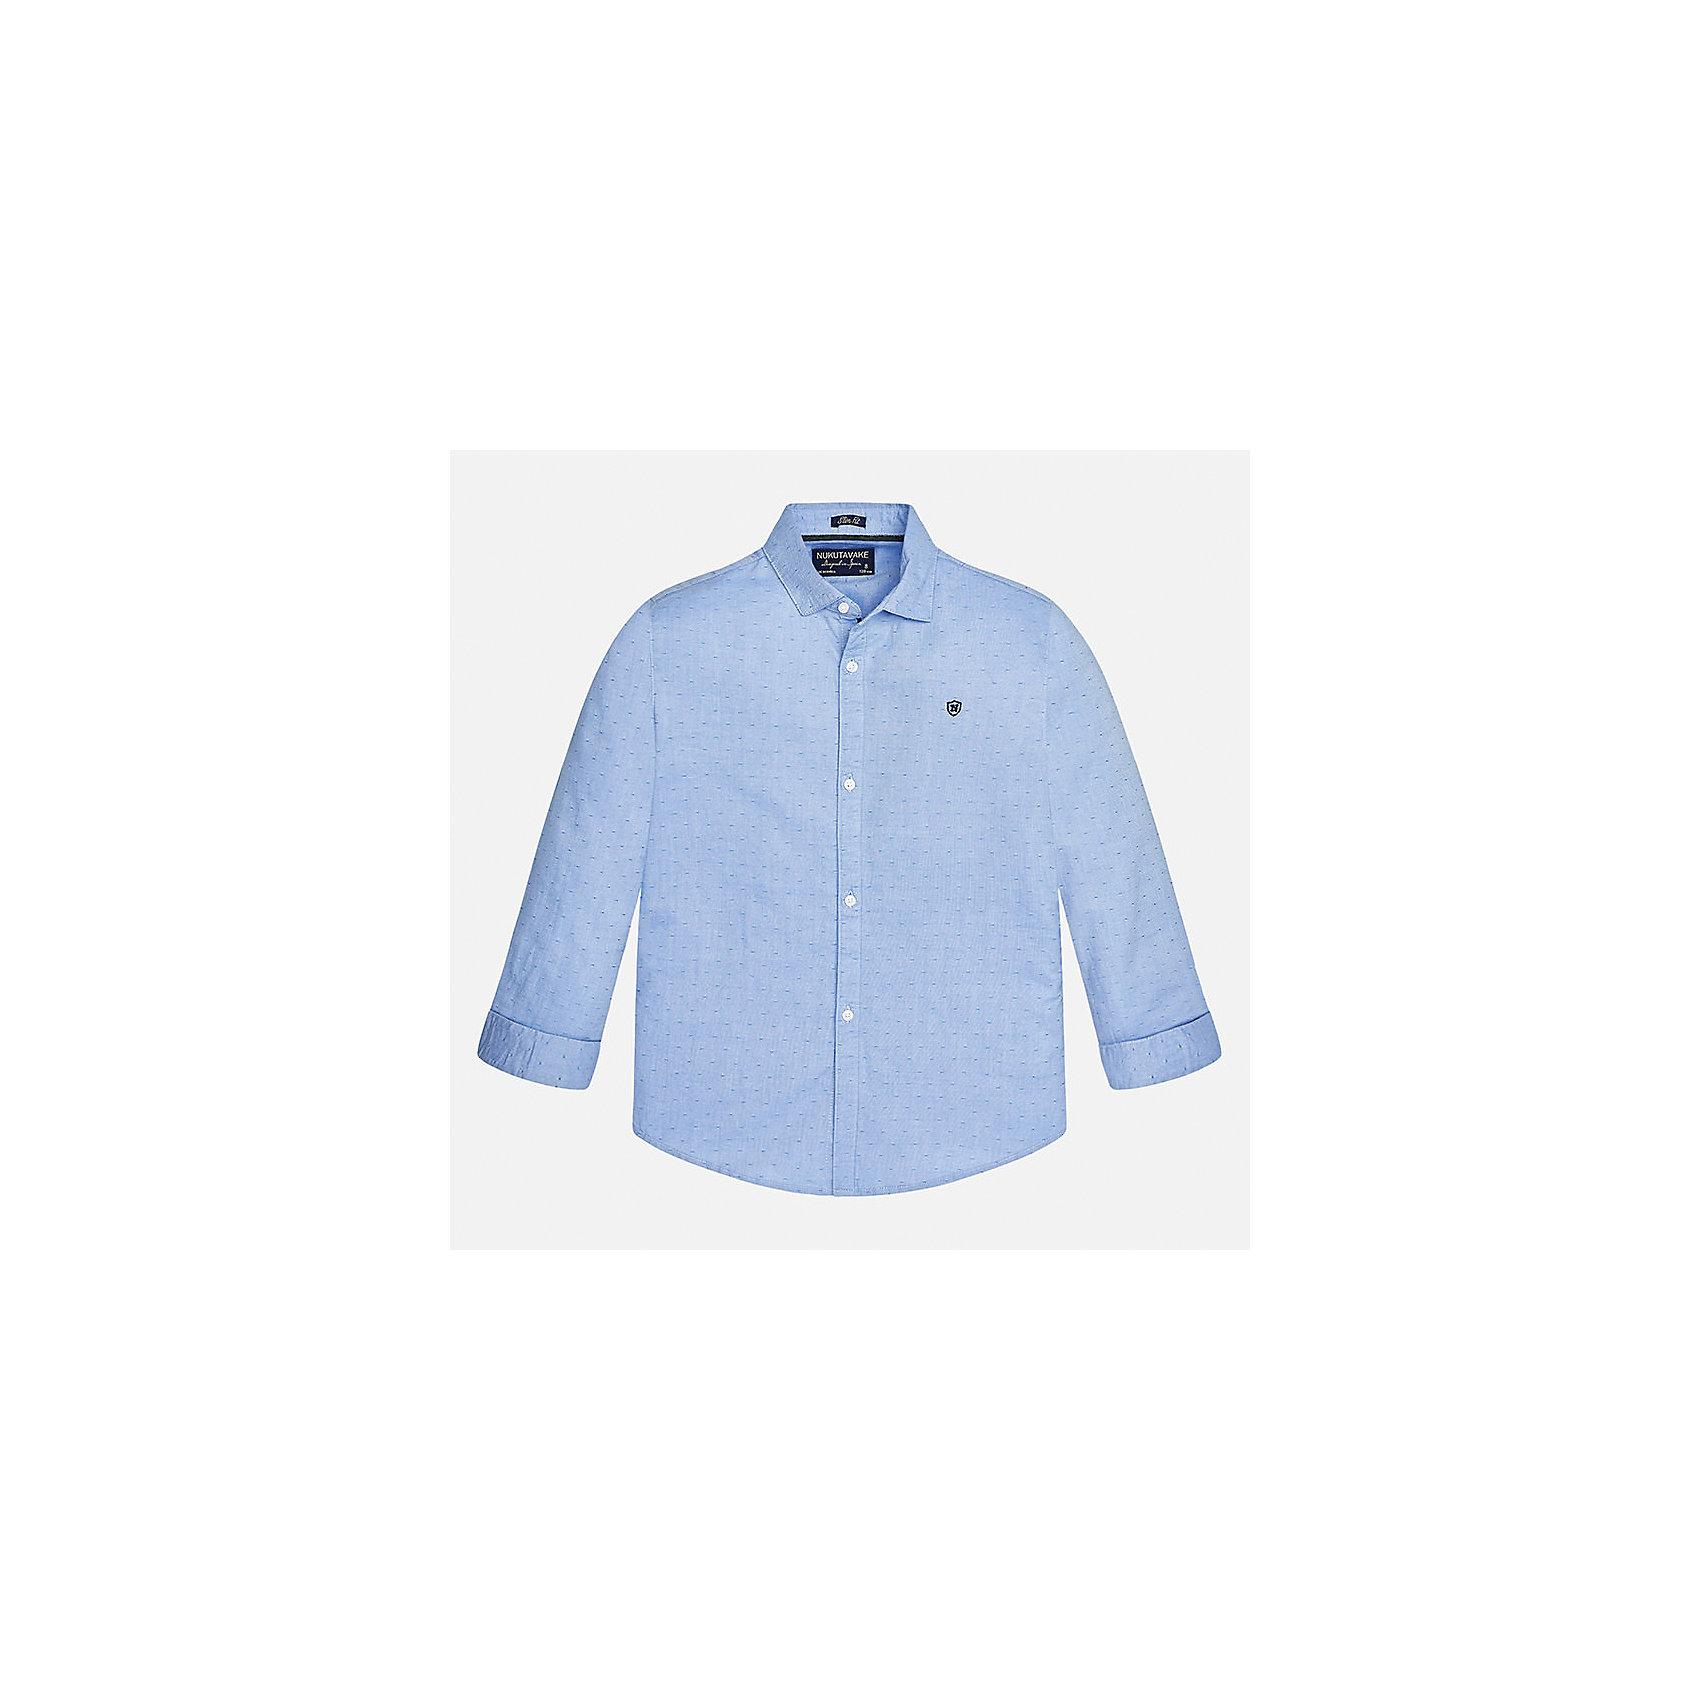 Рубашка для мальчика MayoralБлузки и рубашки<br>Характеристики товара:<br><br>• цвет: голубой<br>• состав ткани: 100% хлопок<br>• сезон: демисезон<br>• особенности модели: школьная<br>• застежка: пуговицы<br>• длинные рукава<br>• страна бренда: Испания<br>• страна изготовитель: Индия<br><br>Голубая детская рубашка сделана из дышащего приятного на ощупь материала. Благодаря продуманному крою детской рубашки создаются комфортные условия для тела. Рубашка с длинным рукавом для мальчика отличается стильным продуманным дизайном.<br><br>Рубашку для мальчика Mayoral (Майорал) можно купить в нашем интернет-магазине.<br><br>Ширина мм: 174<br>Глубина мм: 10<br>Высота мм: 169<br>Вес г: 157<br>Цвет: голубой<br>Возраст от месяцев: 168<br>Возраст до месяцев: 180<br>Пол: Мужской<br>Возраст: Детский<br>Размер: 170,128/134,140,152,158,164<br>SKU: 6933528